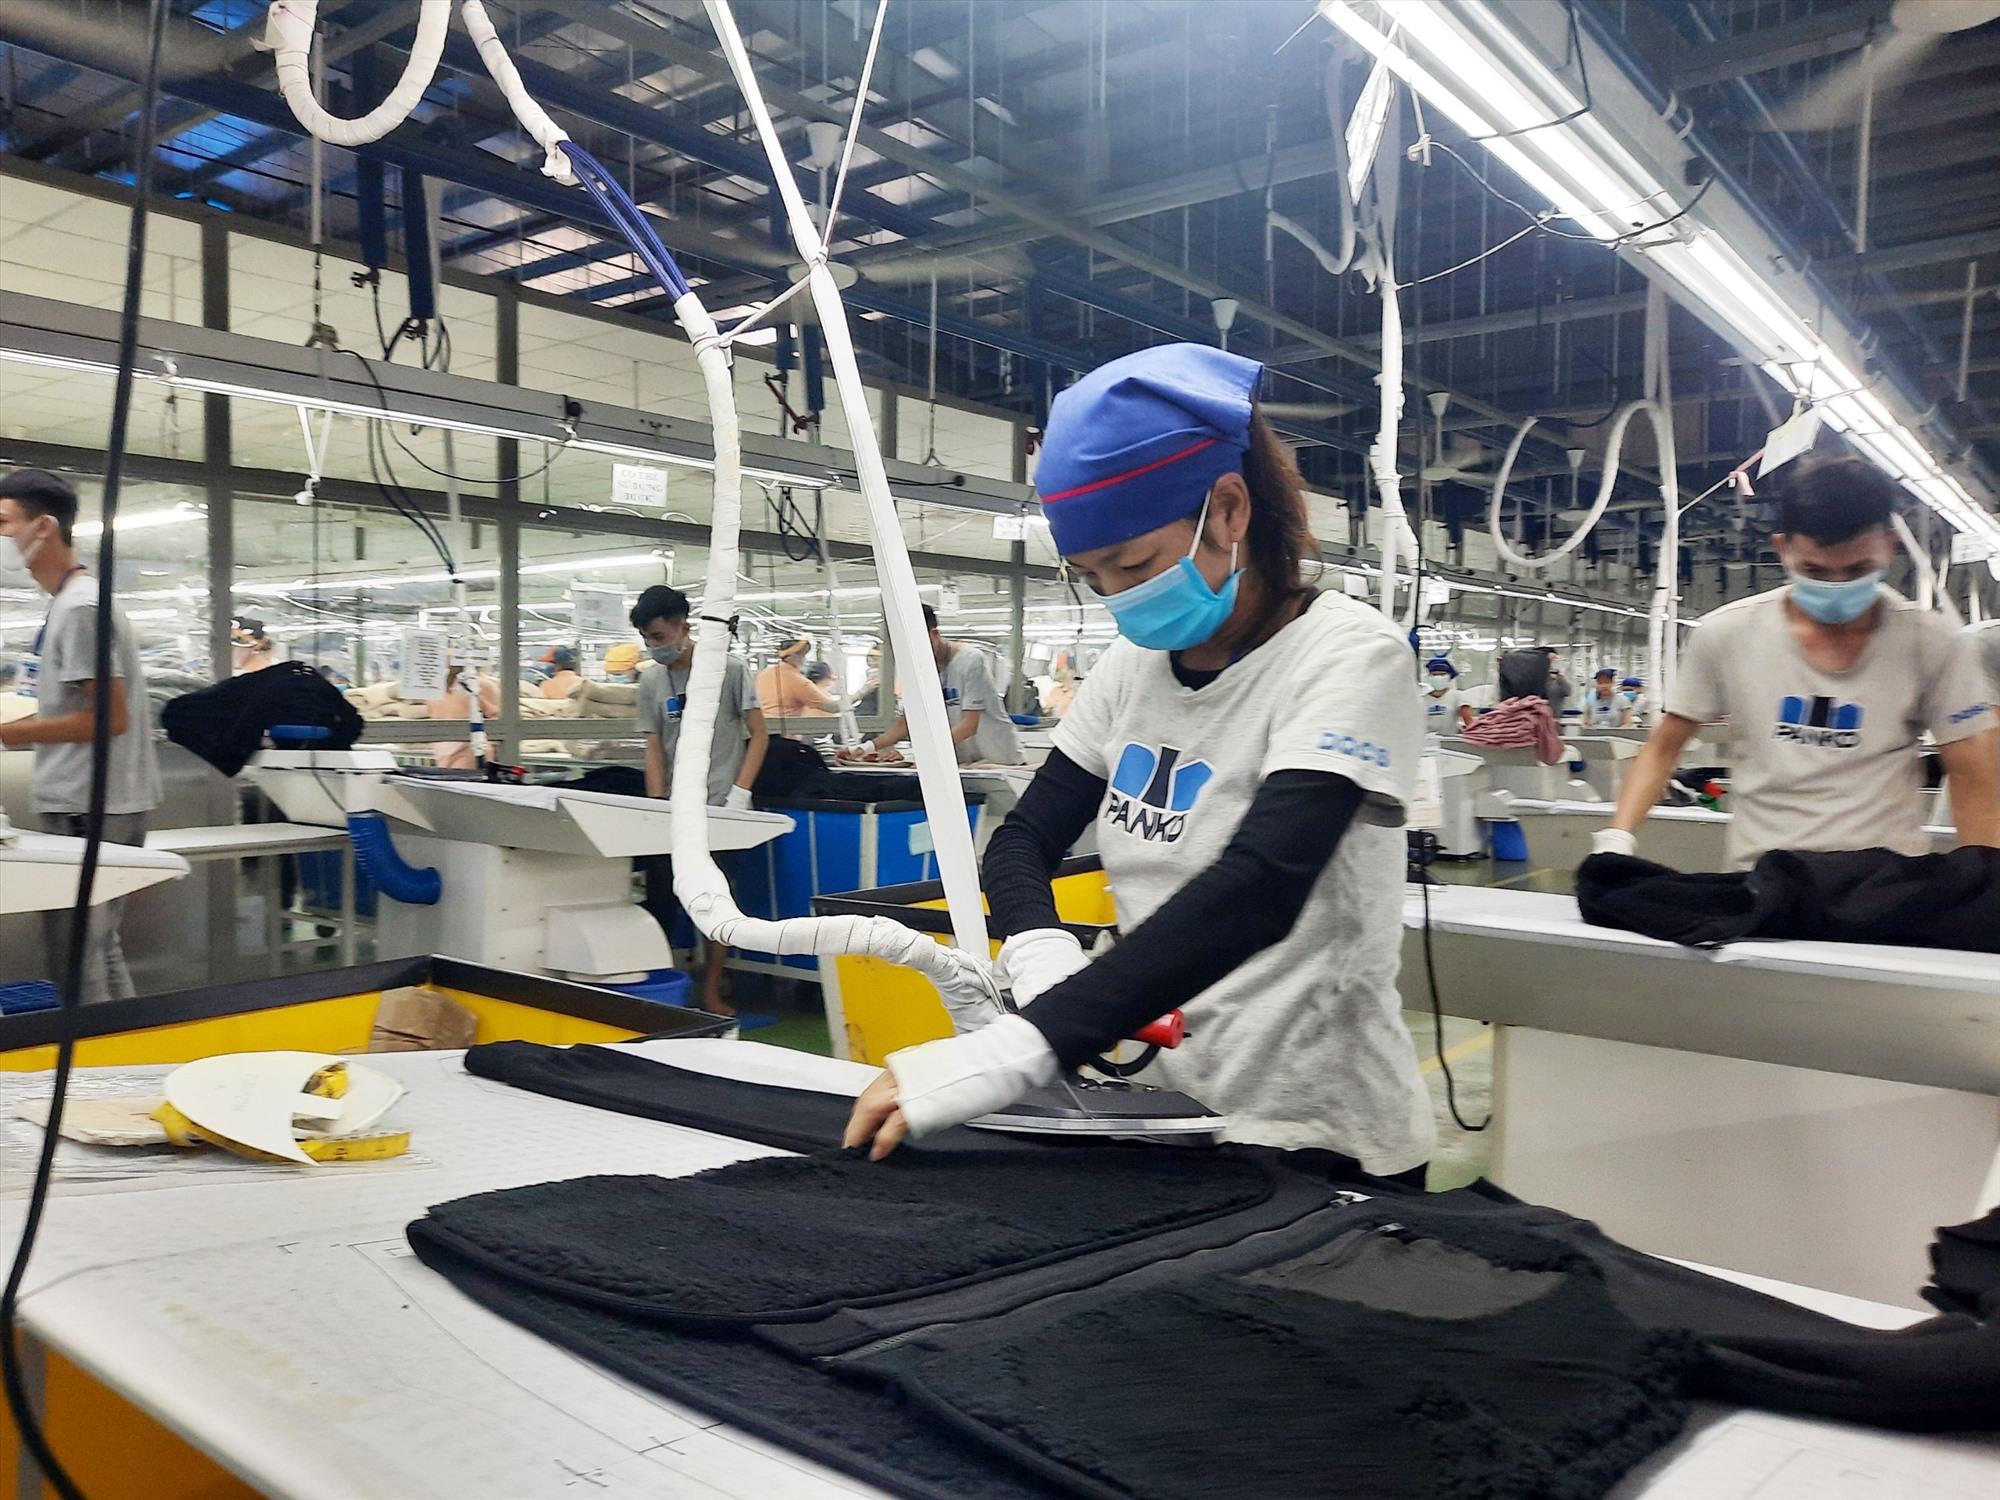 Nguồn hỗ trợ từ Quỹ Bảo hiểm thất nghiệp sẽ giúp người lao động có khoản kinh phí trang trải cuộc sống. Ảnh: D.L